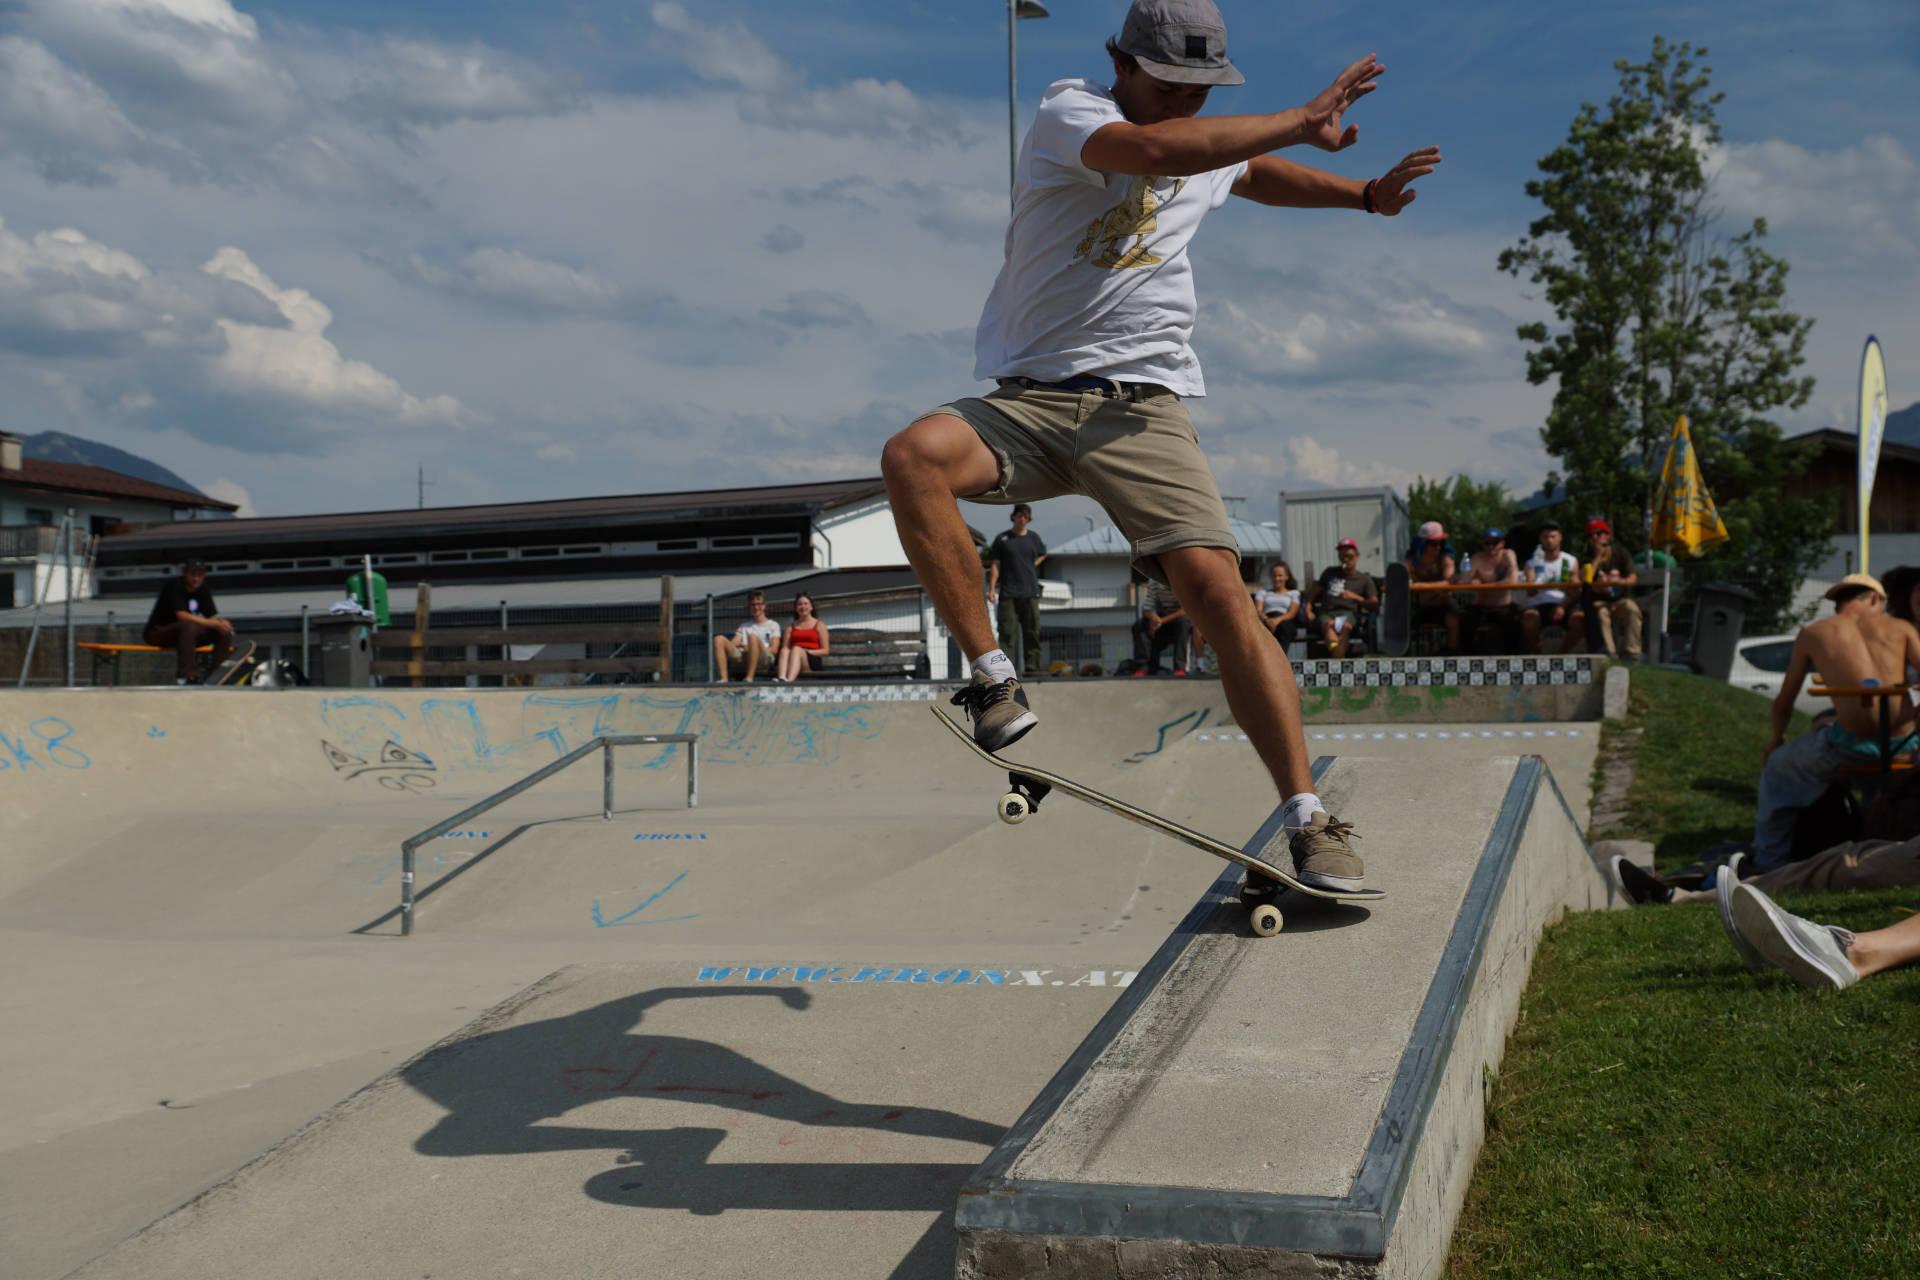 skateboardheadz st johann in tirol kgt 2019 finale 00063